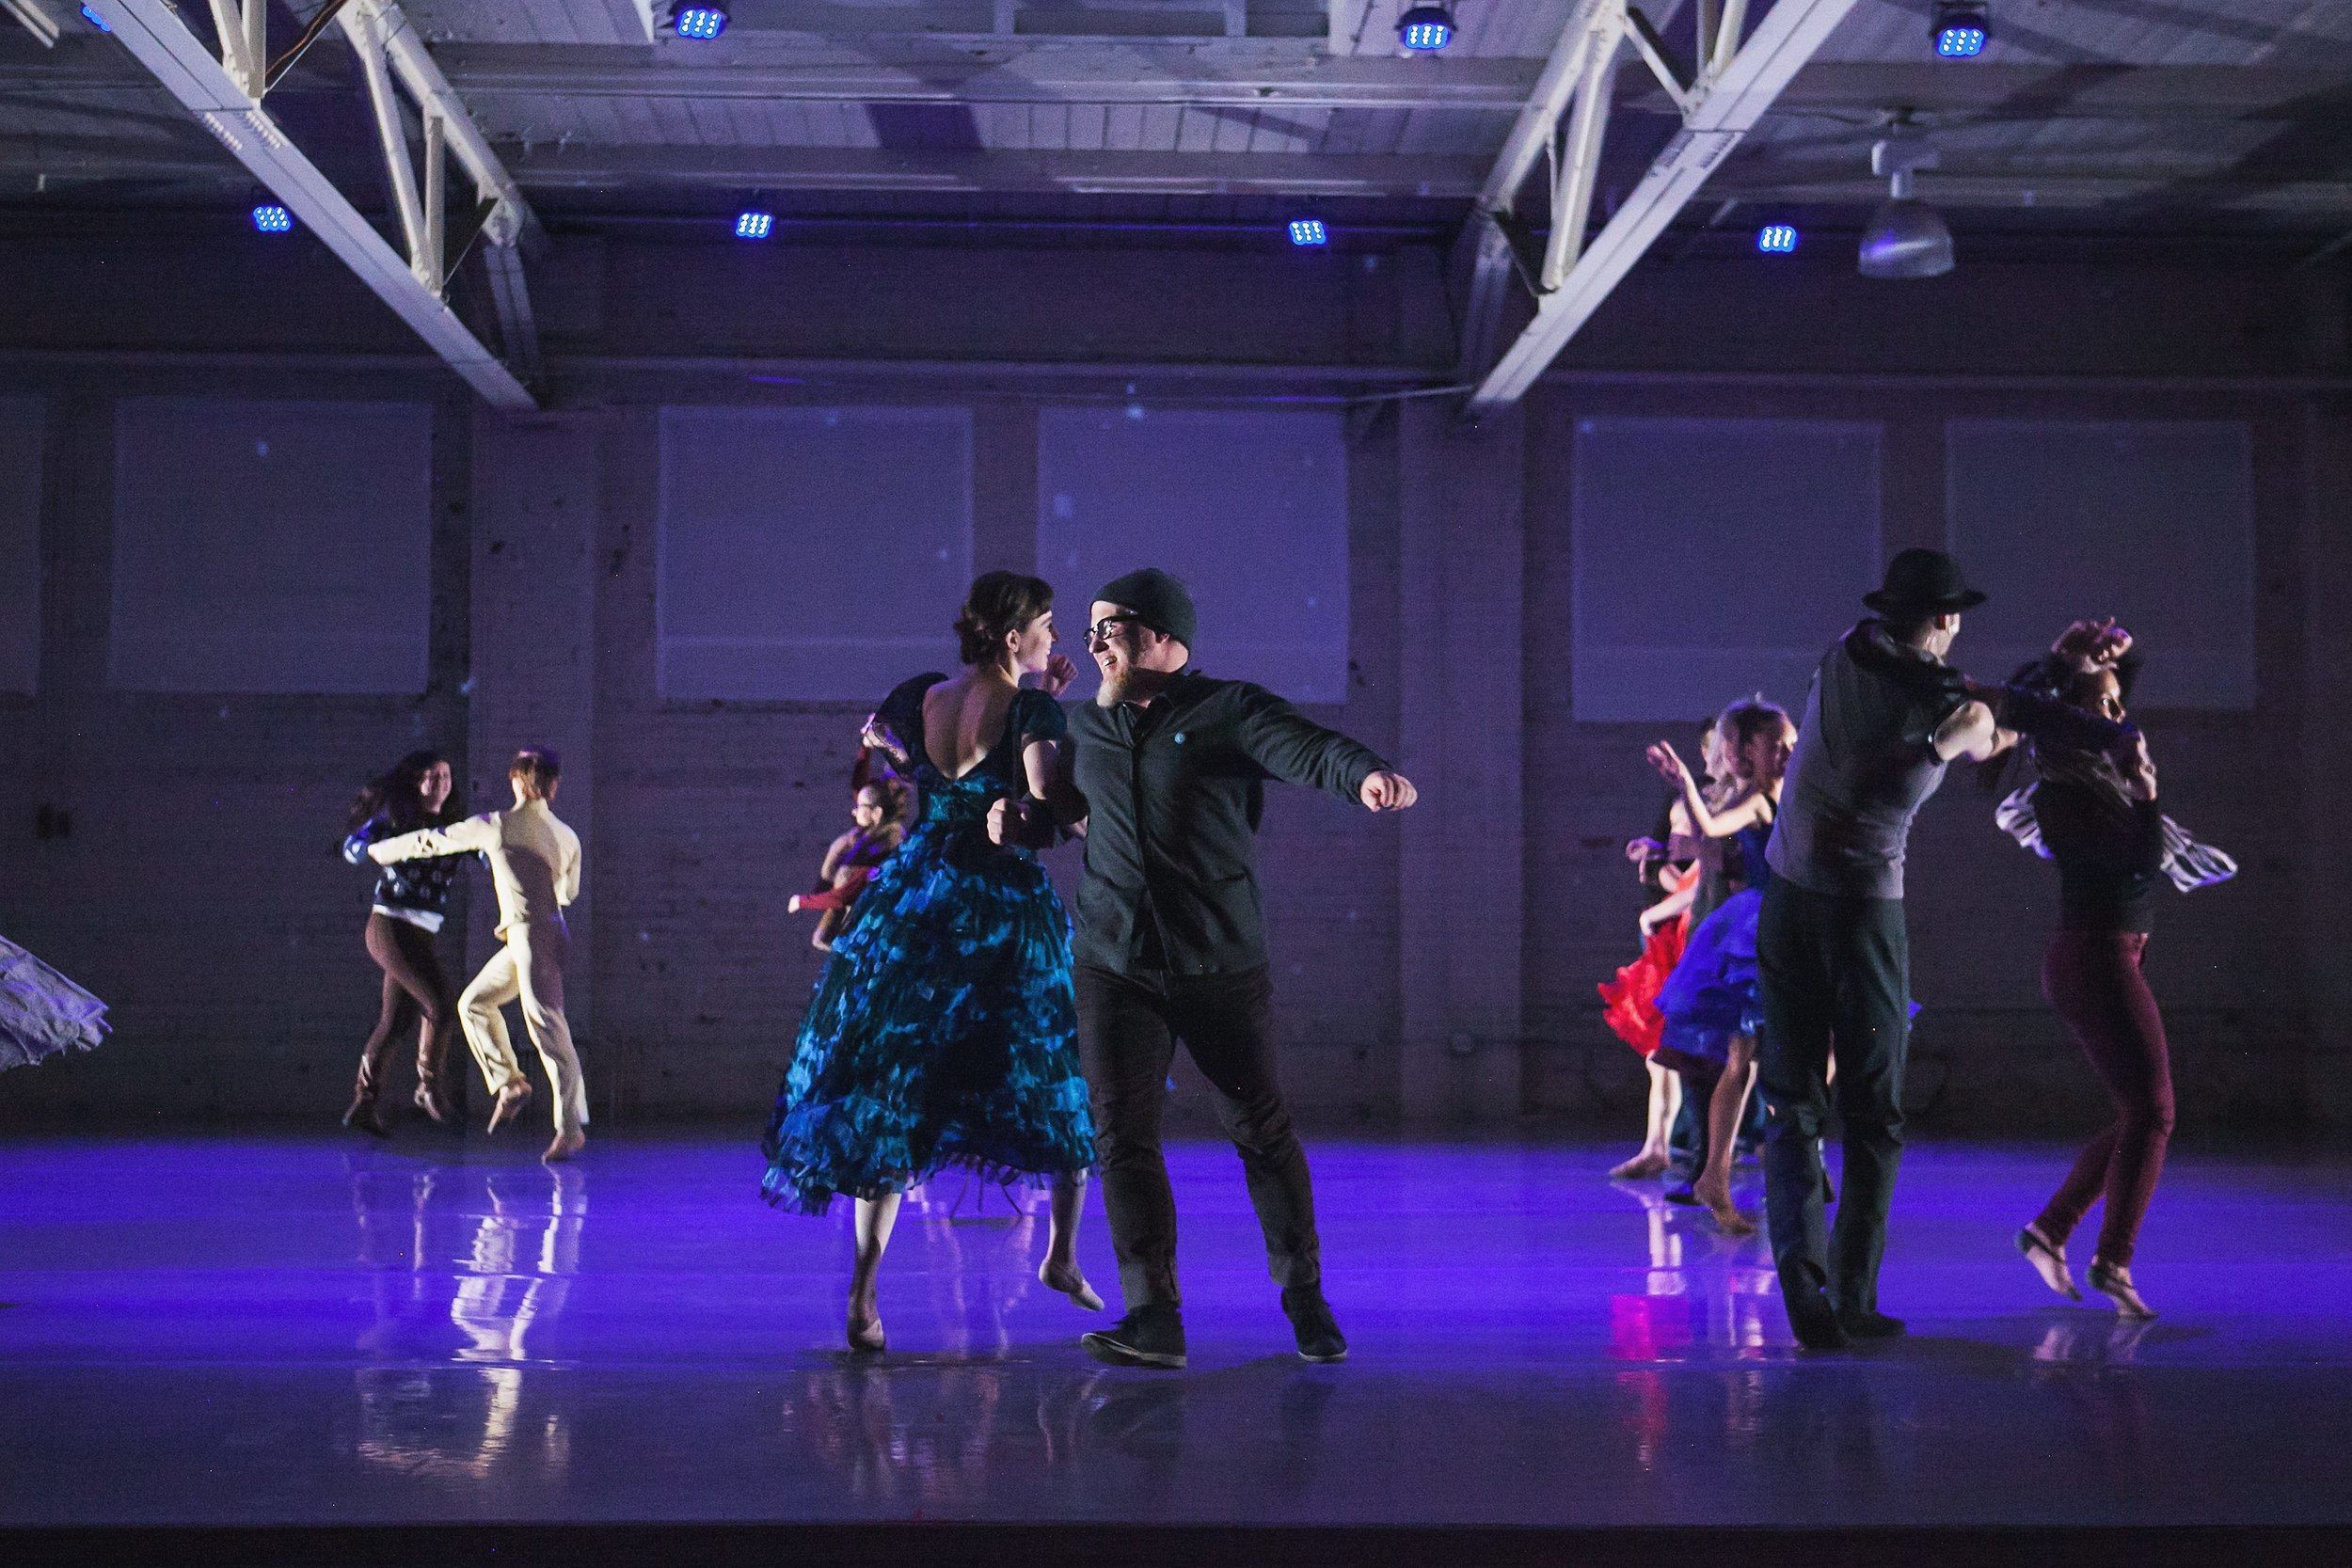 Wonderbound_dances-with-audience-in-Garrett-Ammon_s-Snow_Photo-by-Amanda-Tipton_2017.jpg